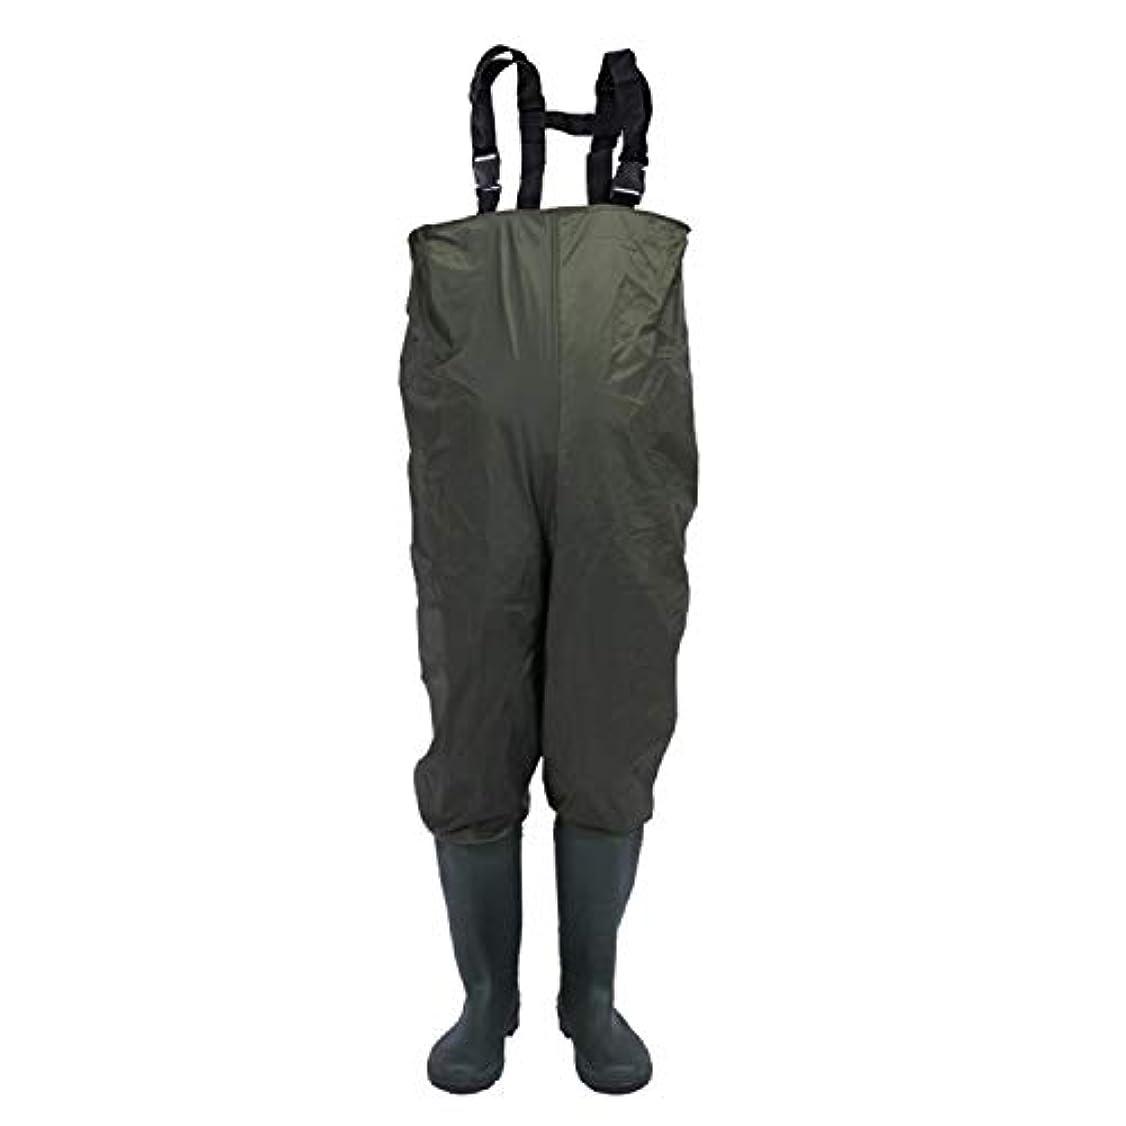 かもめサイズ運河SHINAHUATONG 全11サイズ選ぶ 防水 通気性 釣りウェーダー 釣りパンツ アウトドア 全身パンツ